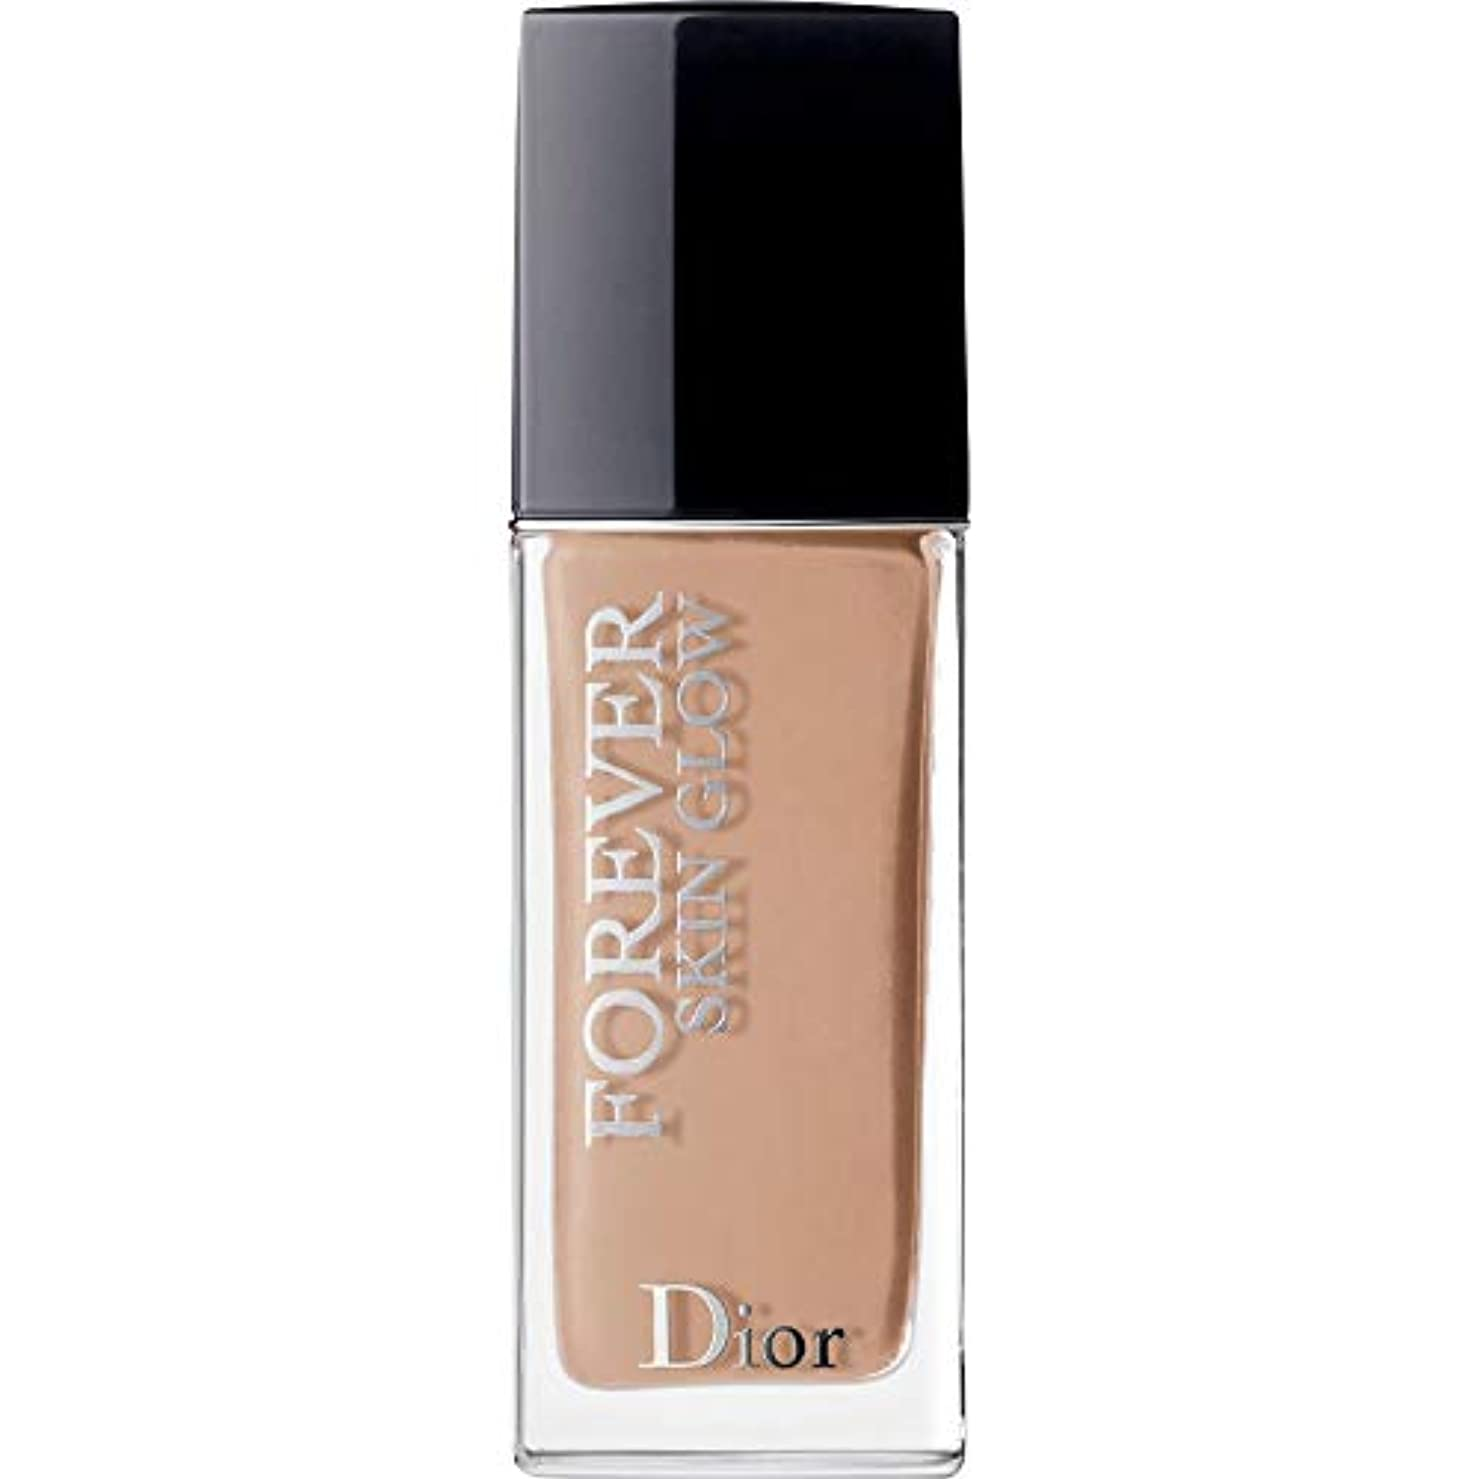 気付く実験むちゃくちゃ[Dior ] ディオール永遠に皮膚グロー皮膚思いやりの基礎Spf35 30ミリリットル4Cを - クール(肌の輝き) - DIOR Forever Skin Glow Skin-Caring Foundation SPF35...